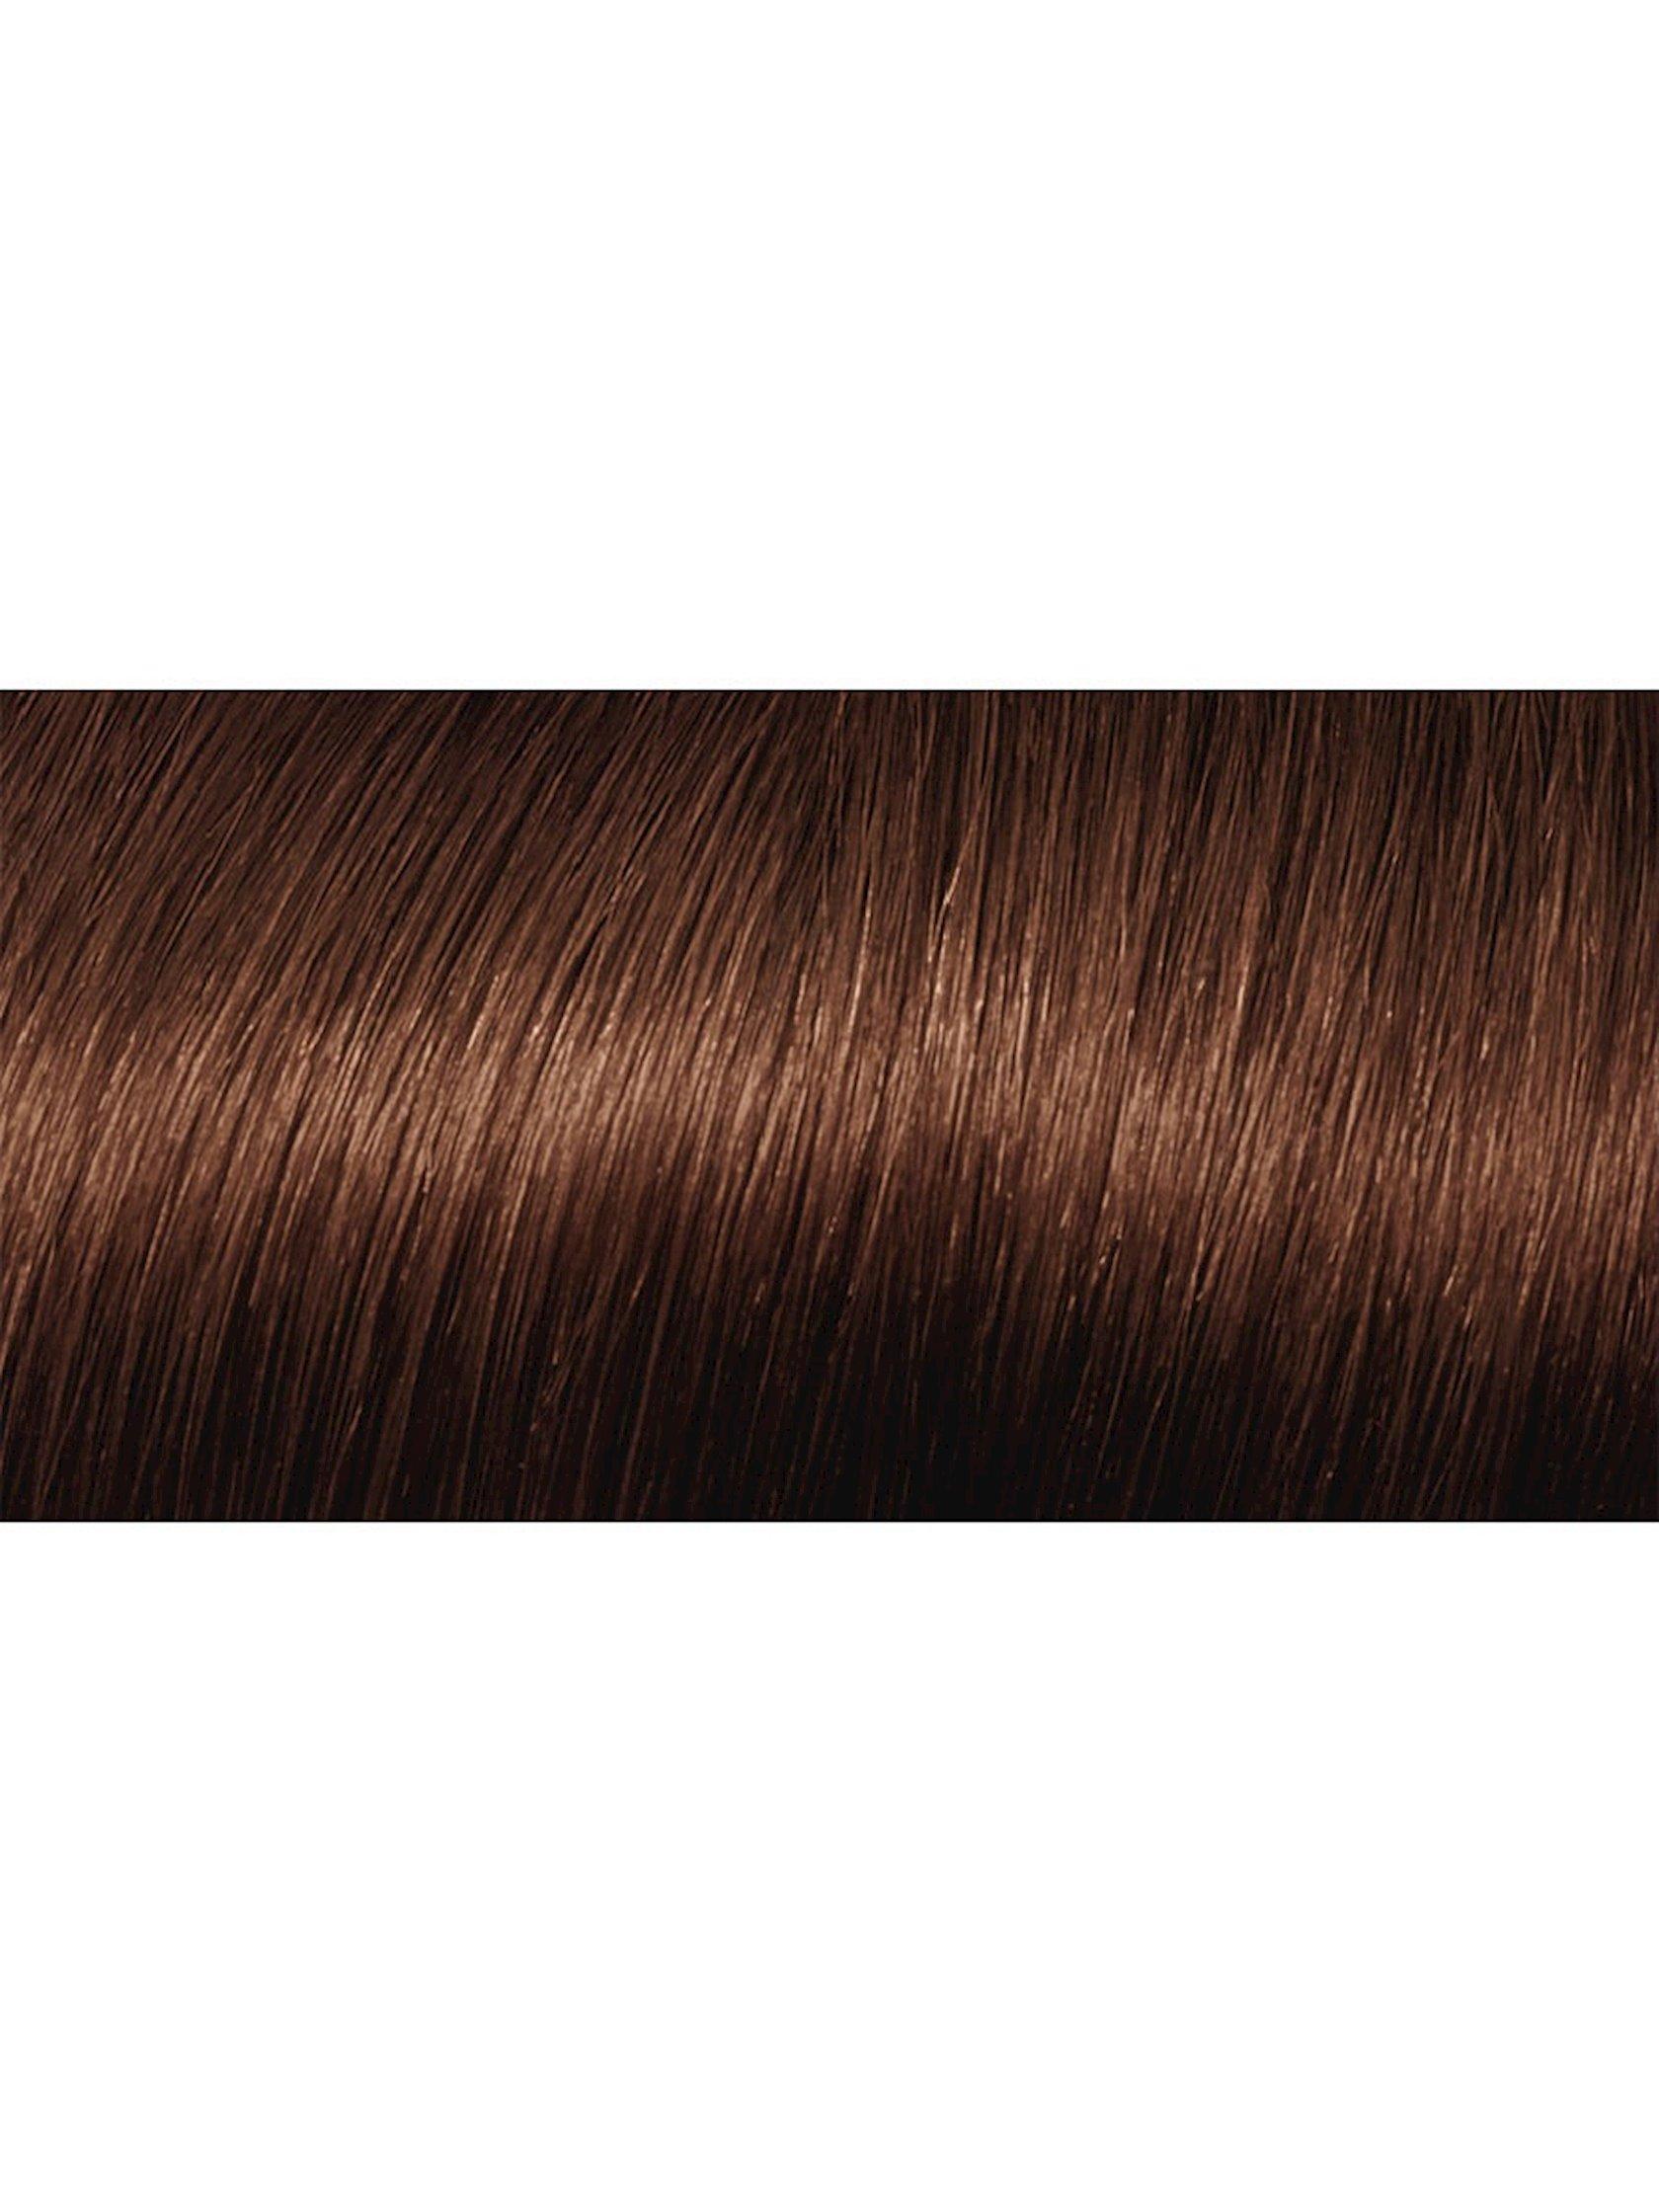 Saç üçün qalıcı krem-boya L'Oreal Paris Preference 5.25 Antiqua Sədəfli şabalıd